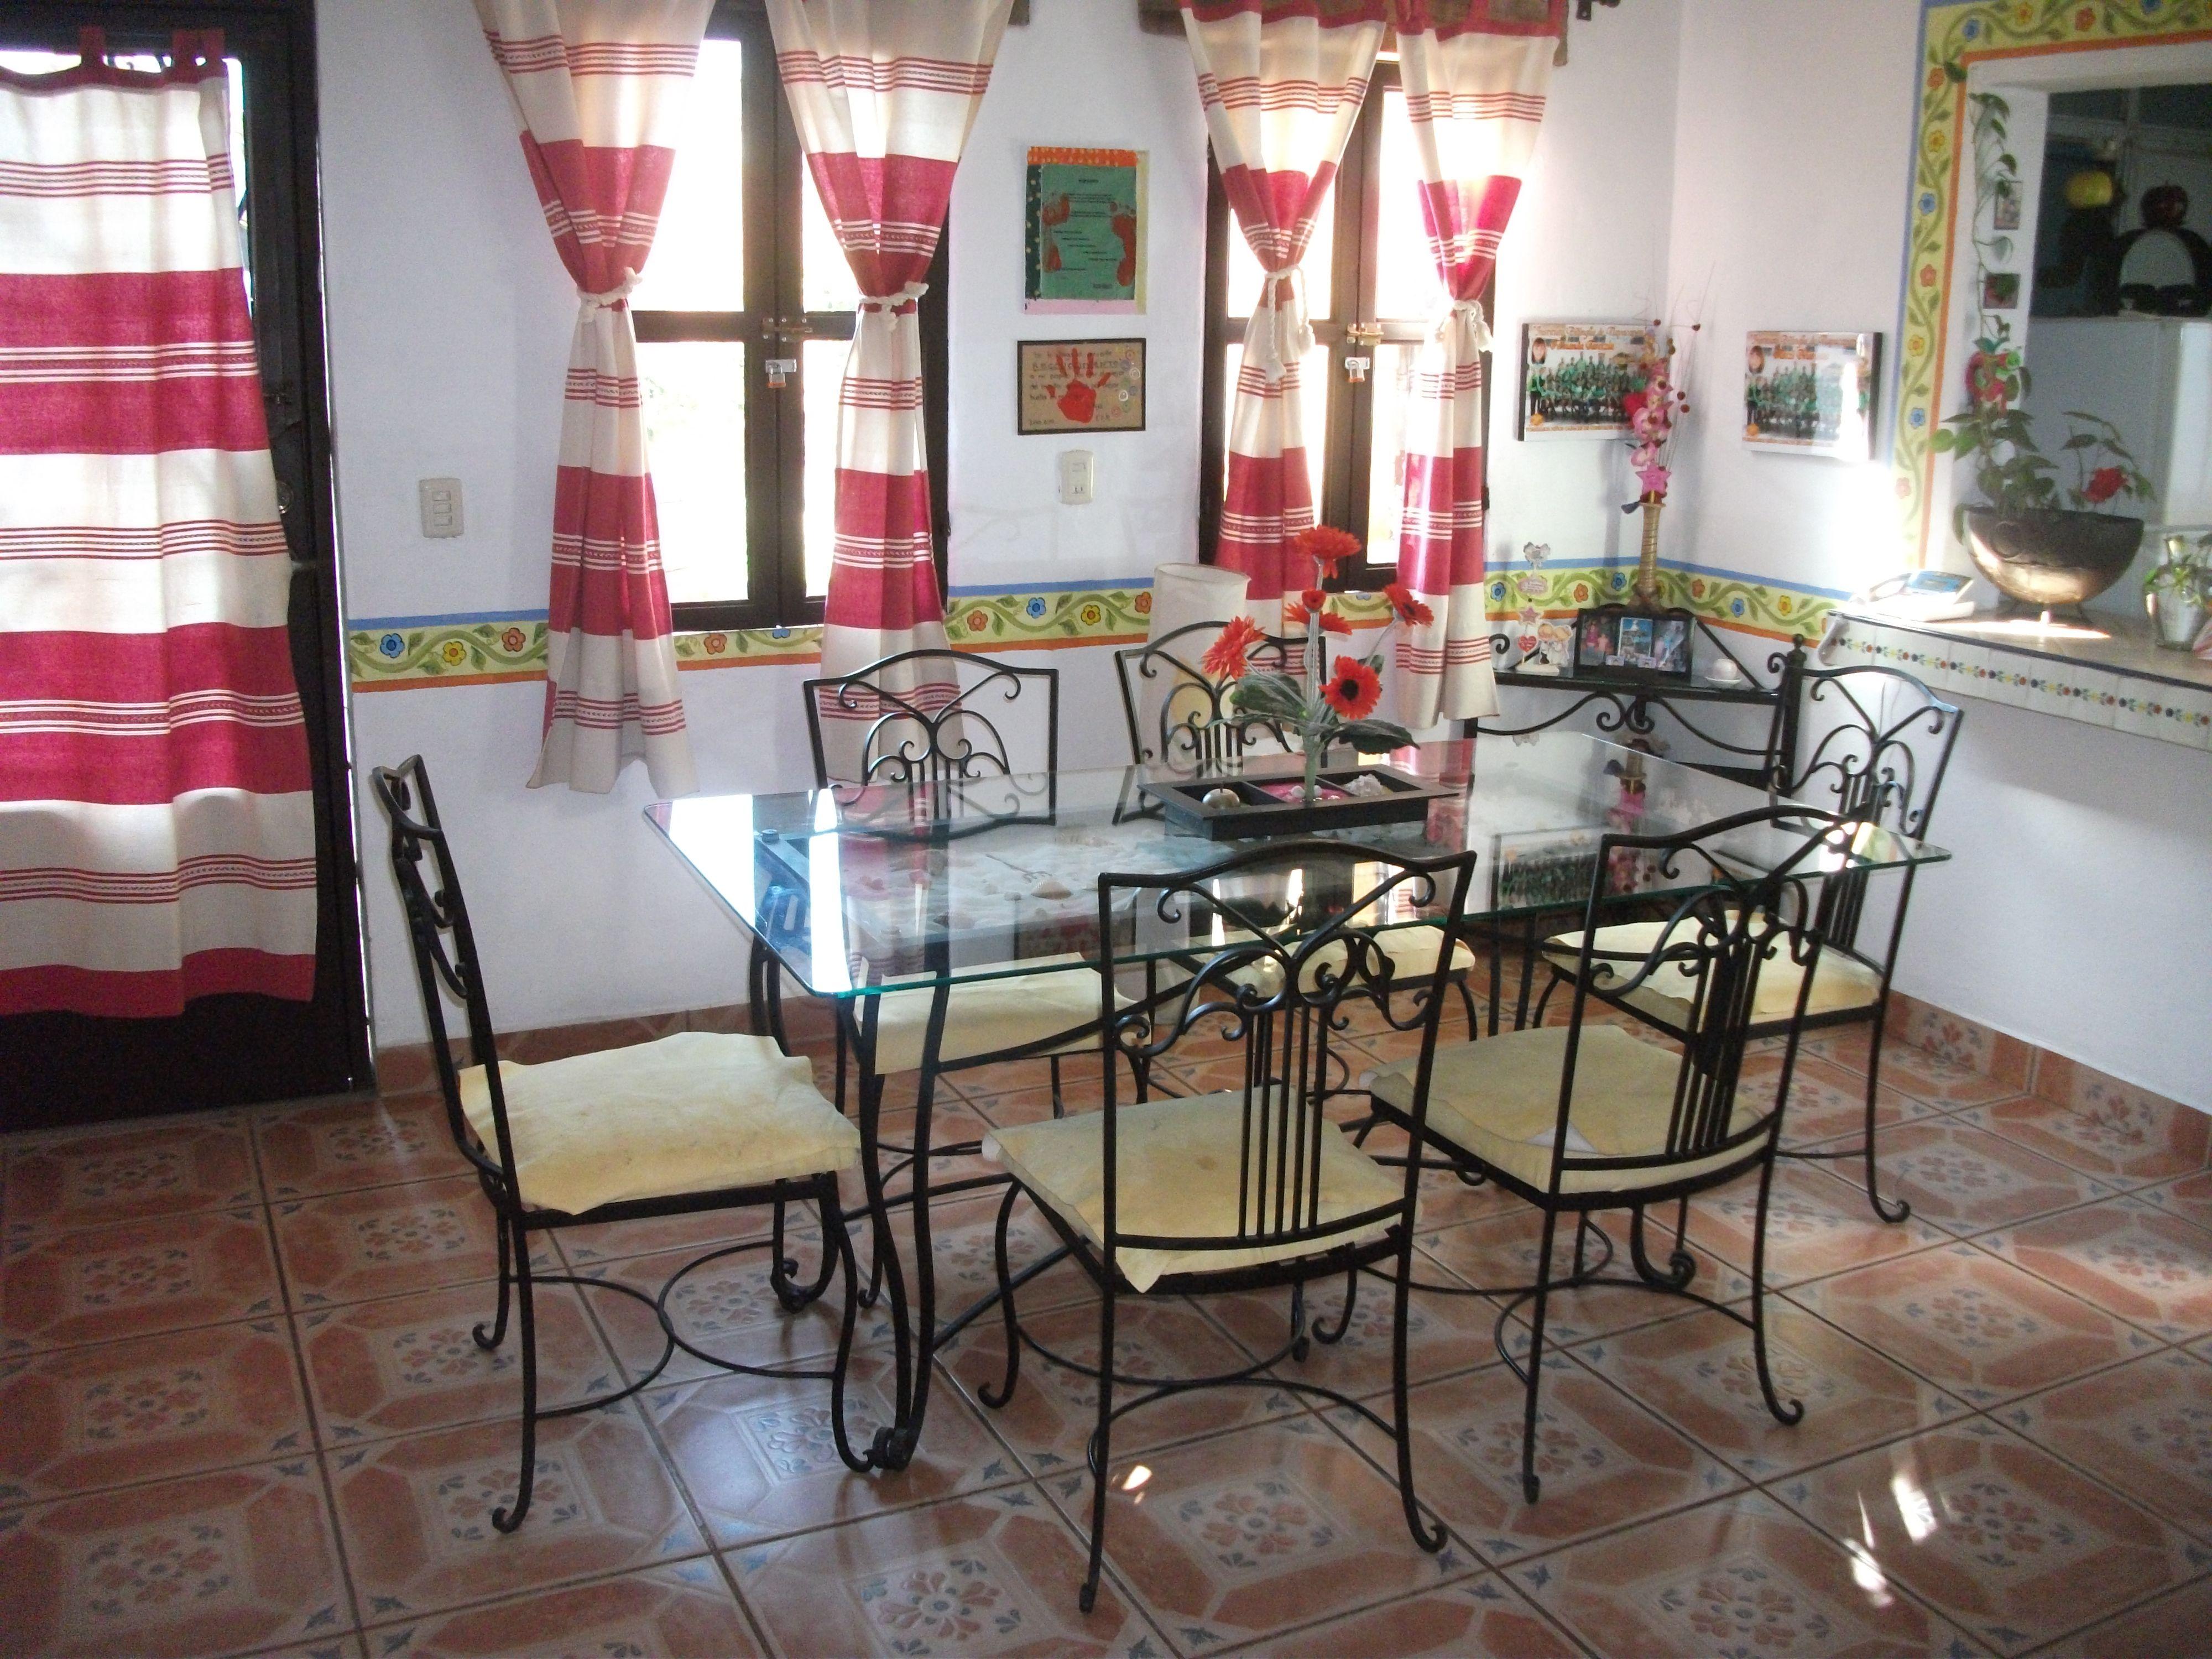 Comedor de hierro forjado decoracion pinterest for Comedor hierro forjado